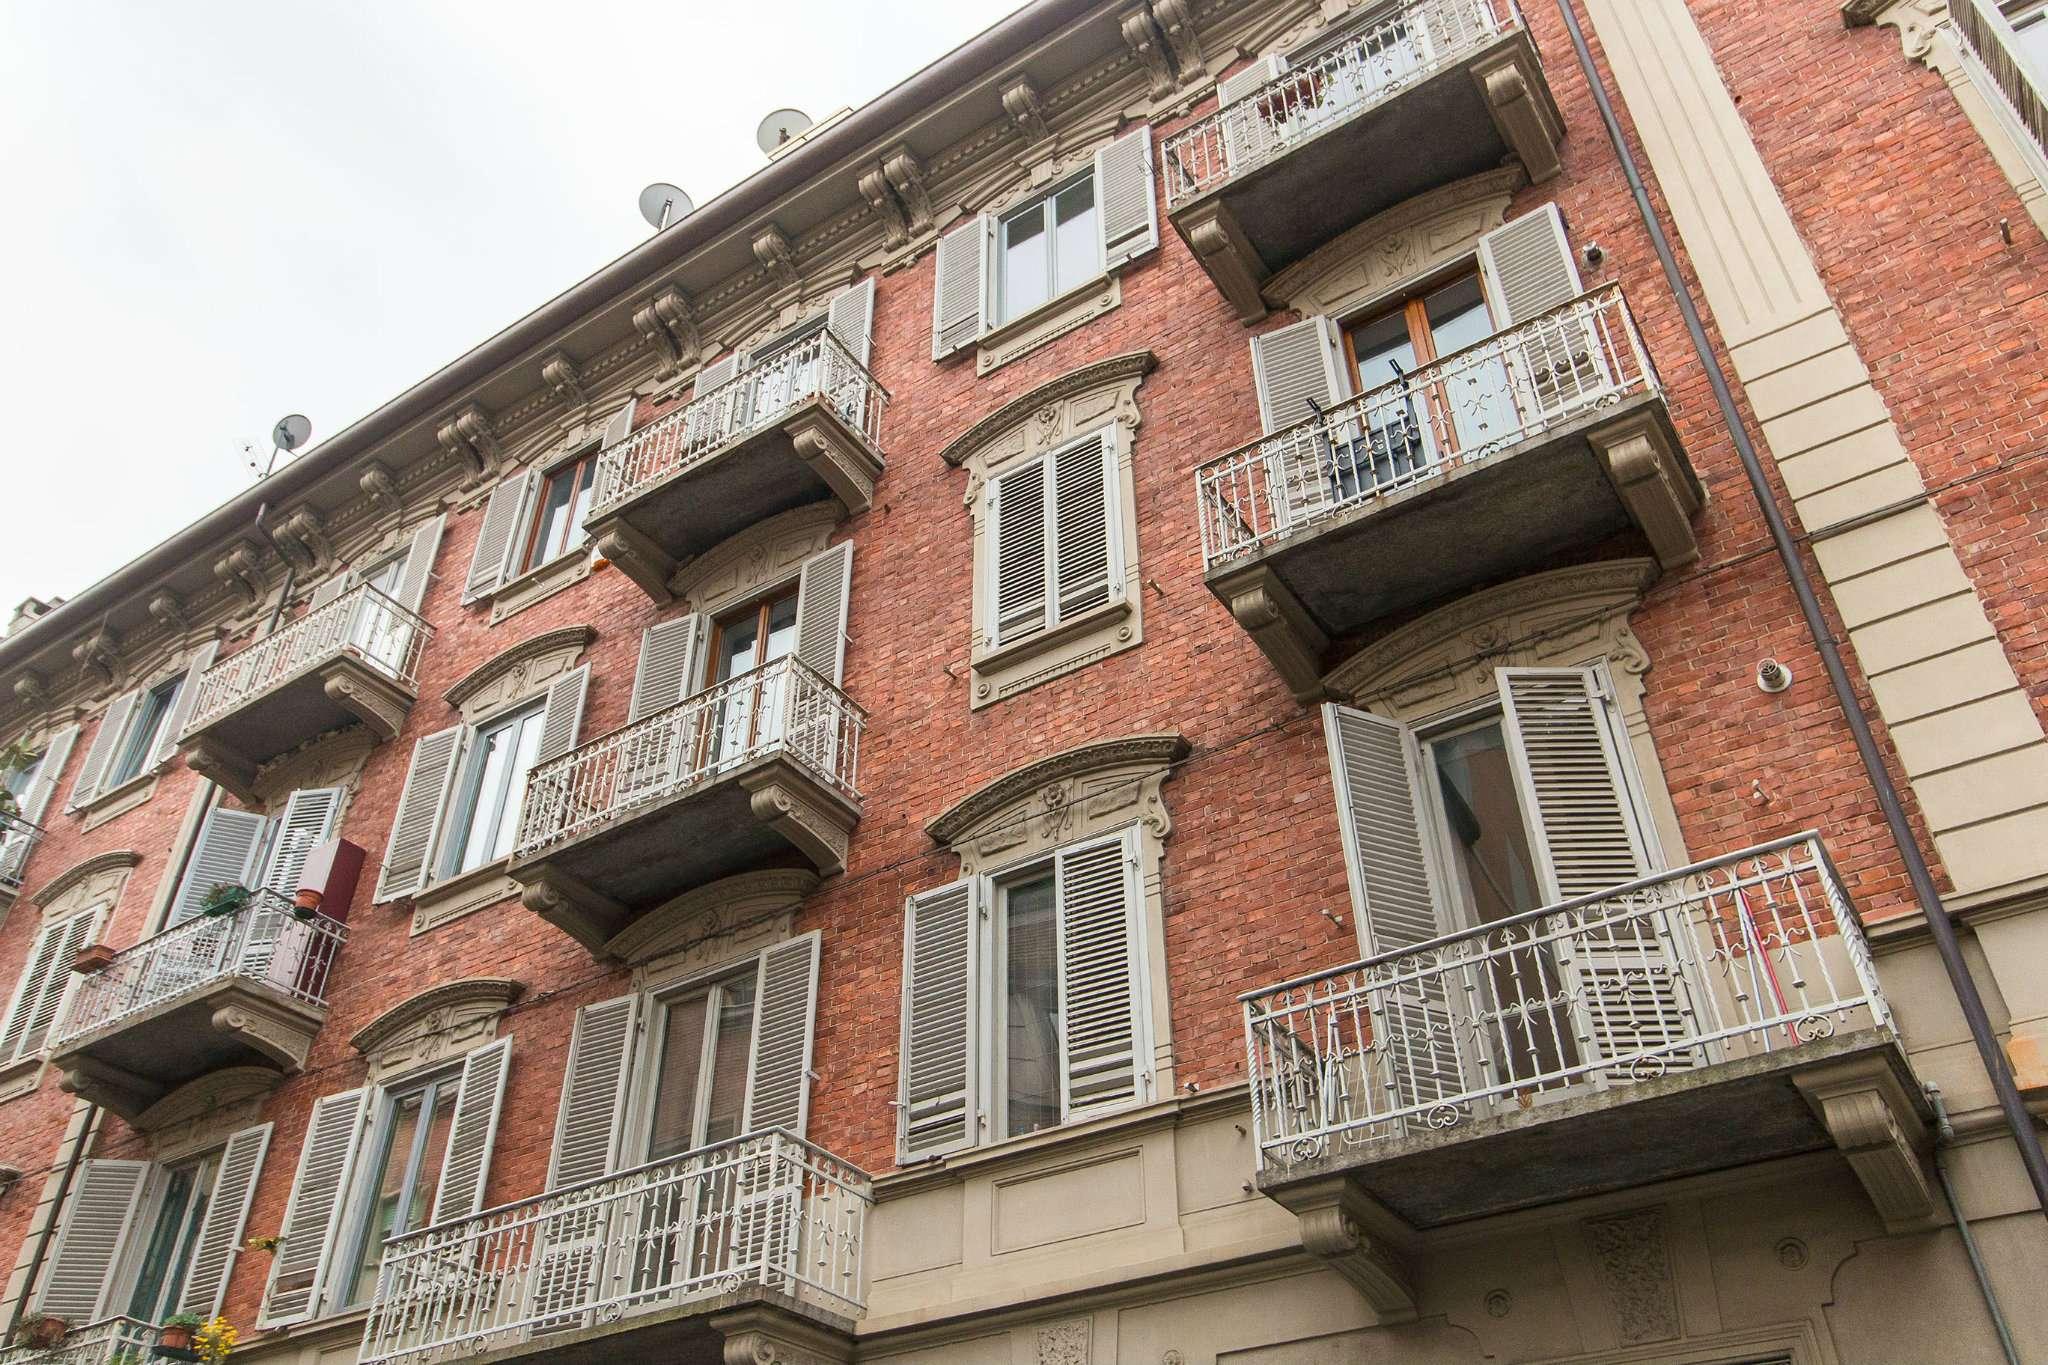 Foto 1 di Monolocale via pinelli, Torino (zona Cit Turin, San Donato, Campidoglio)